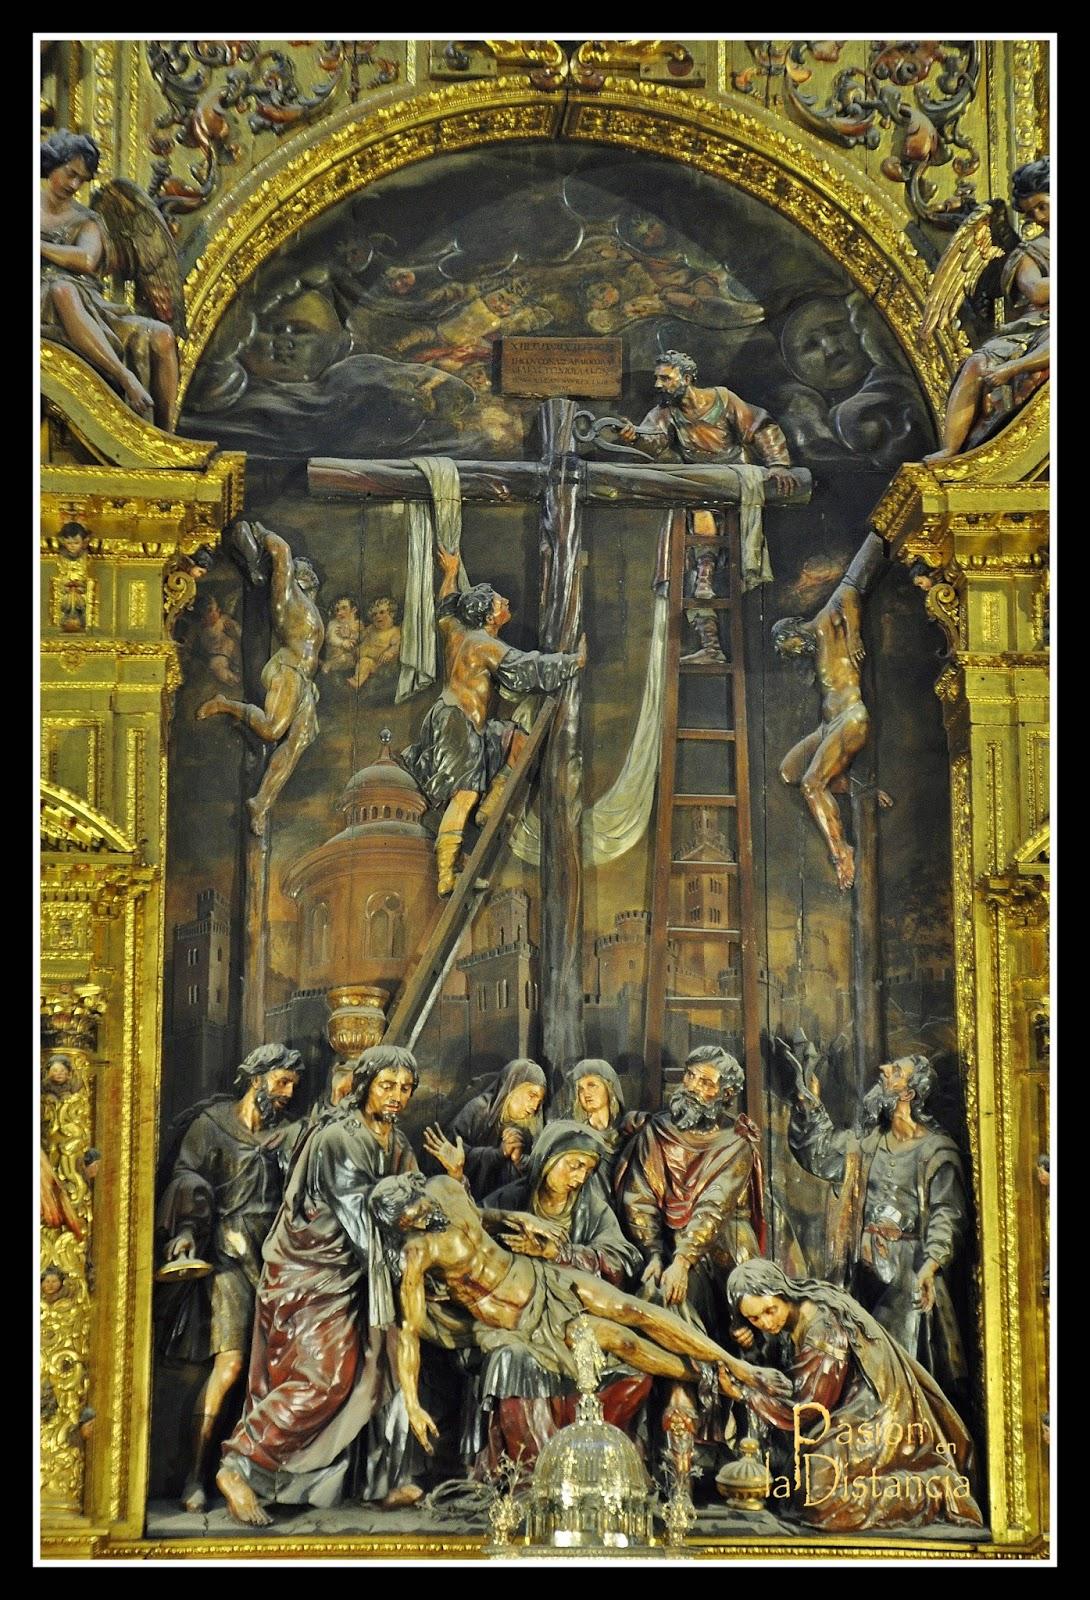 Retablo de la Iglesia del Sagrario Catedral de Sevilla